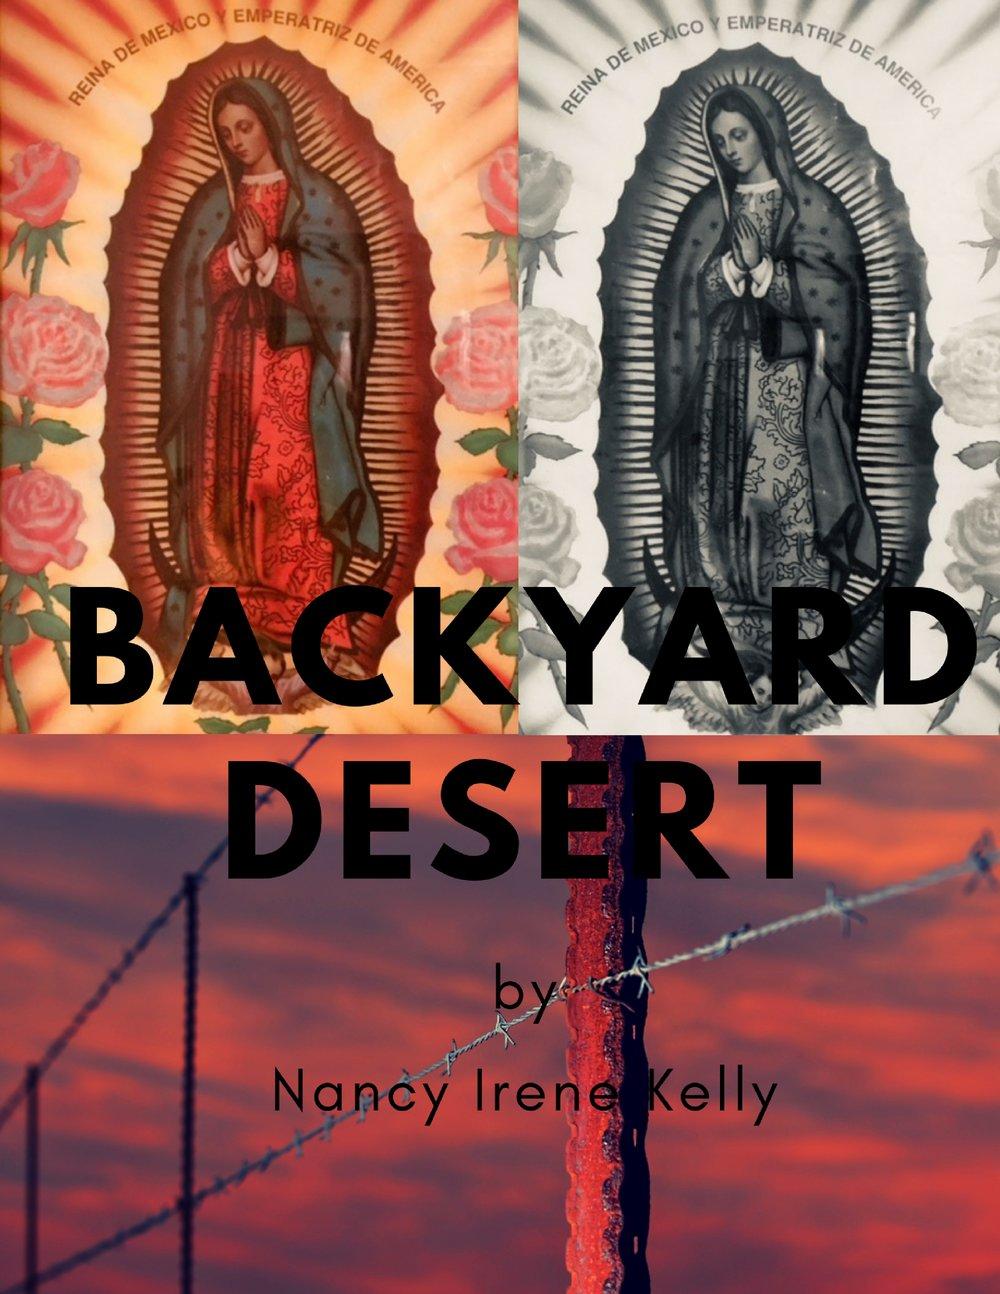 backyard desert.jpg